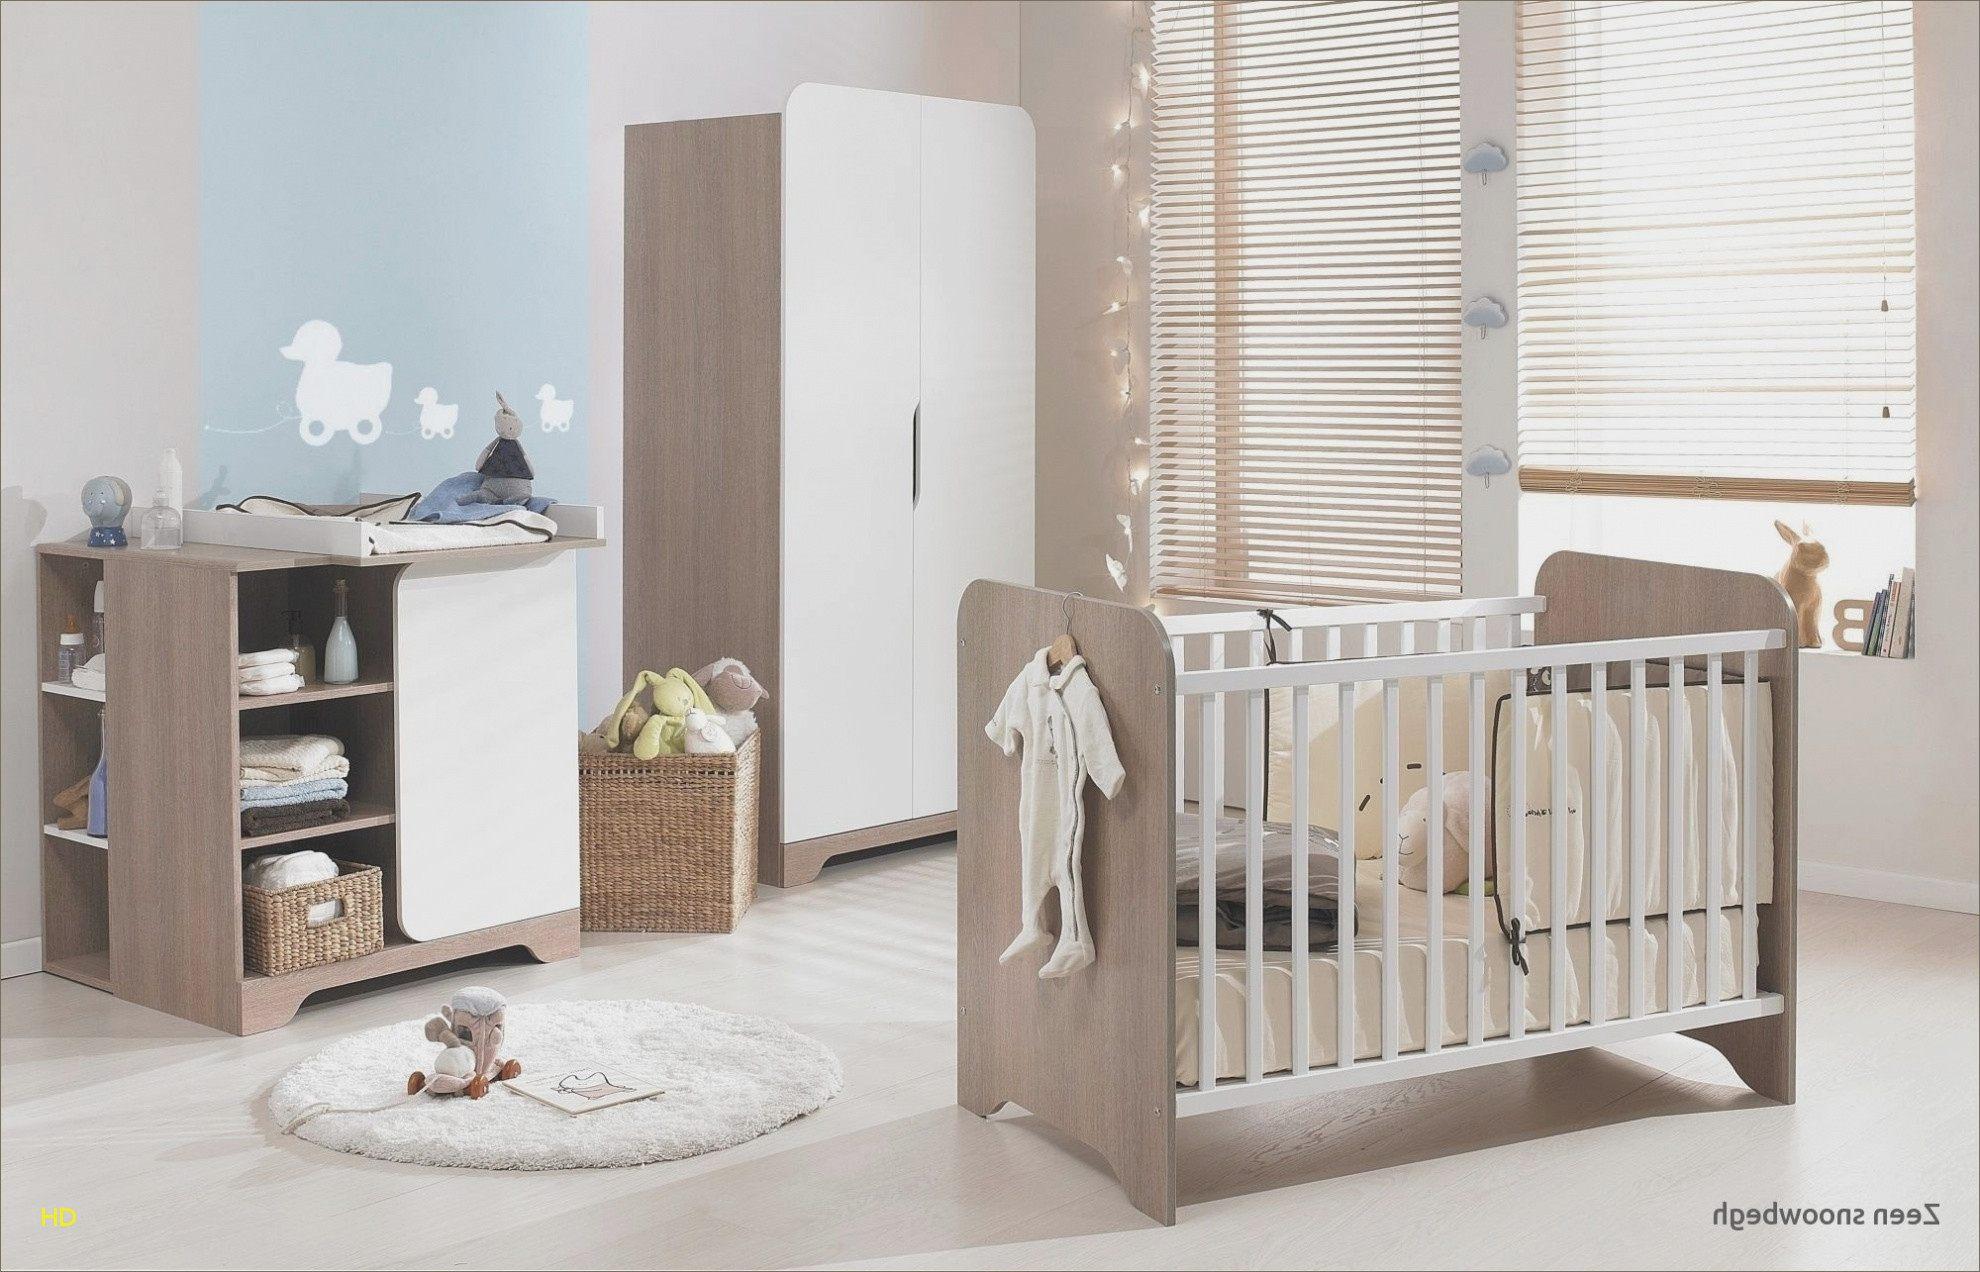 Lit Enfant Tente Frais Lit Pour Nourrisson 24 Référence Lit Cabane Bebe Avis Home Design